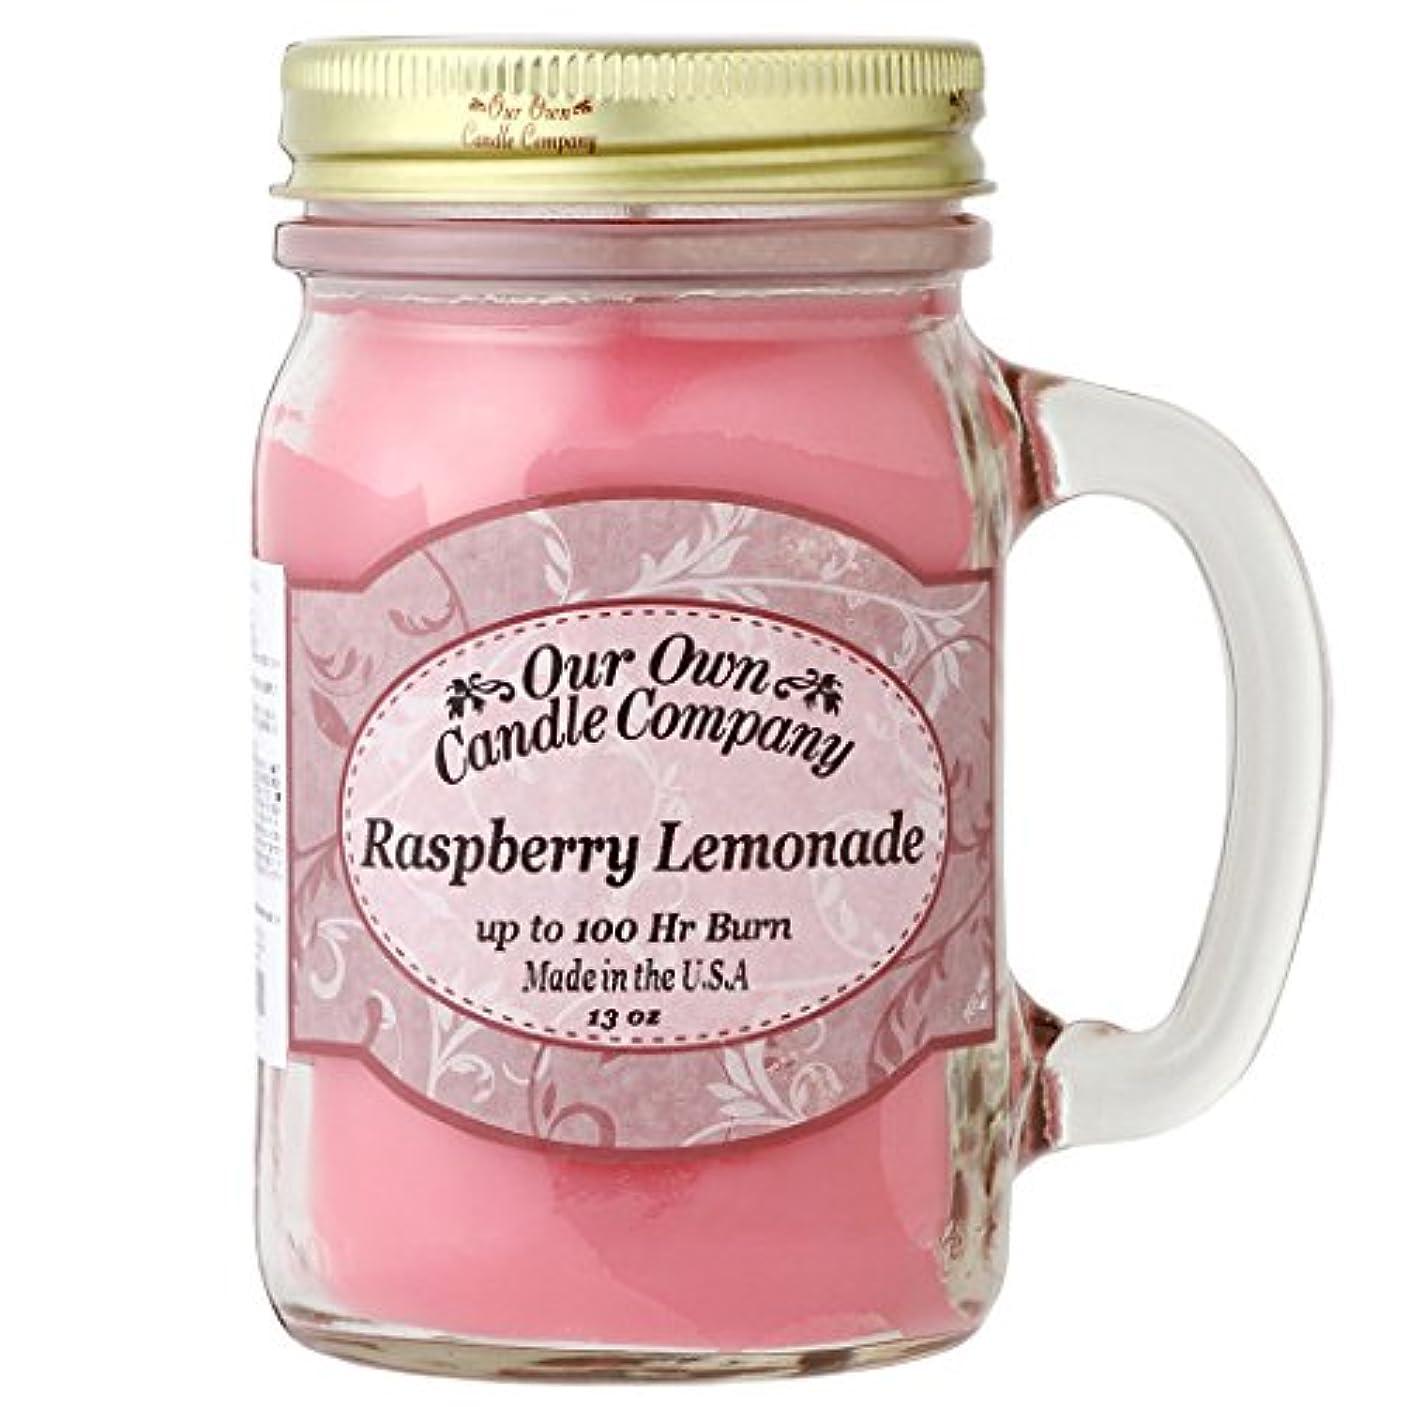 活性化ラダブランド名Our Own Candle Company メイソンジャーキャンドル ラージサイズ ラズベリーレモネード OU100096